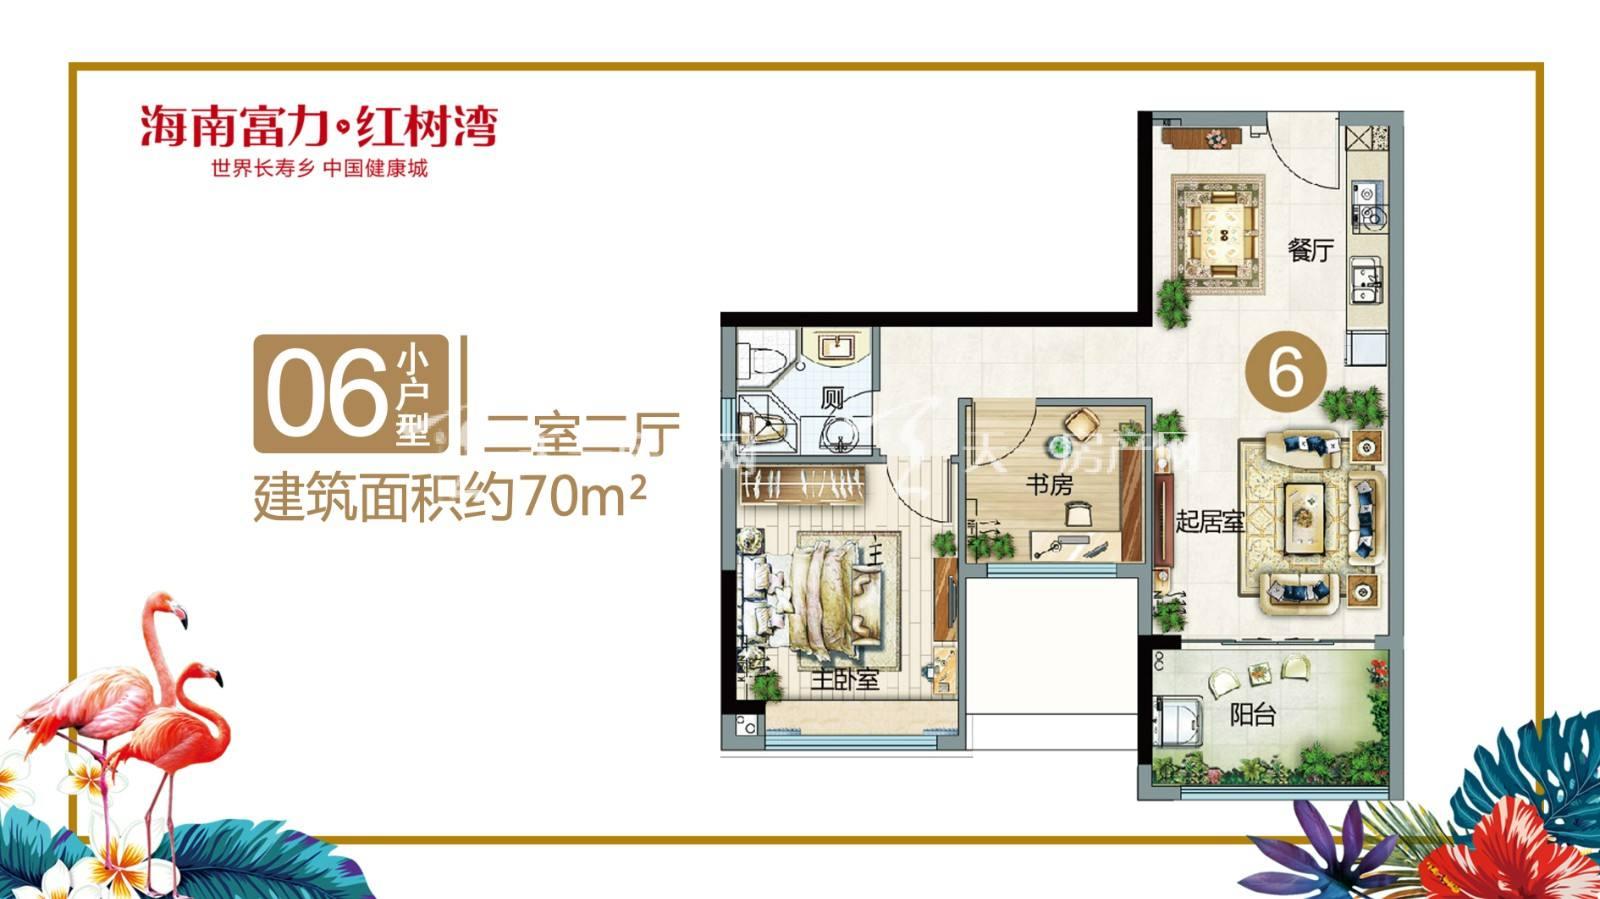 富力红树湾06小户型两室两厅建筑面积70㎡